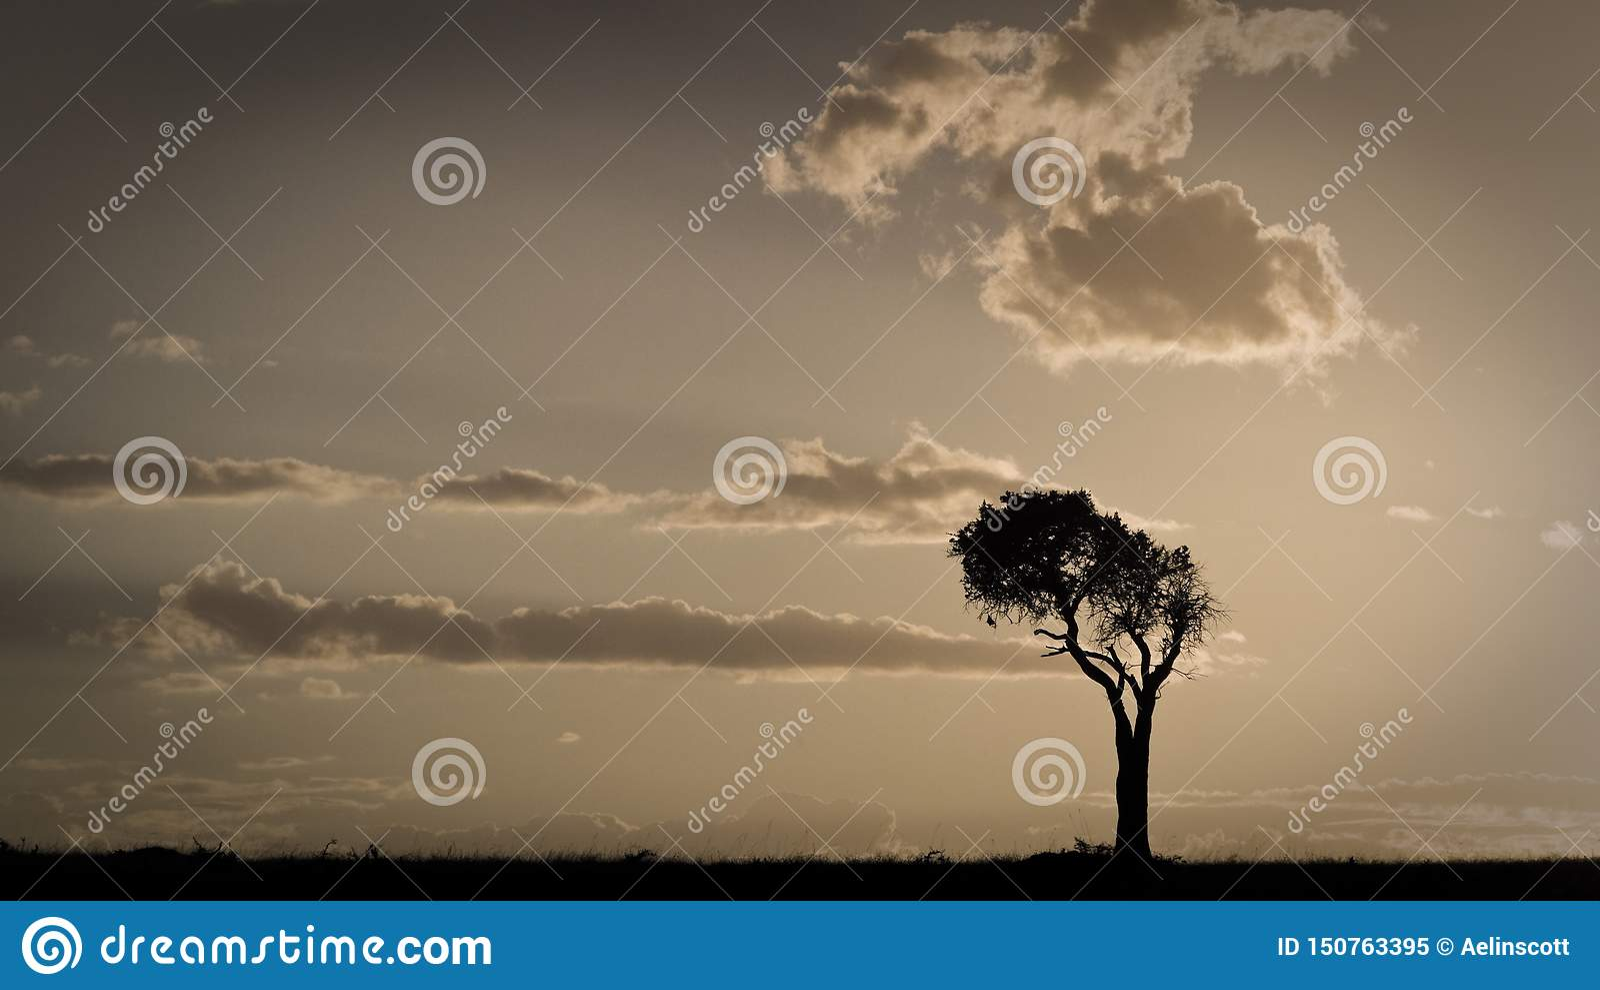 Африканский заход солнца с одиночным деревом Maasai Mara, Кения